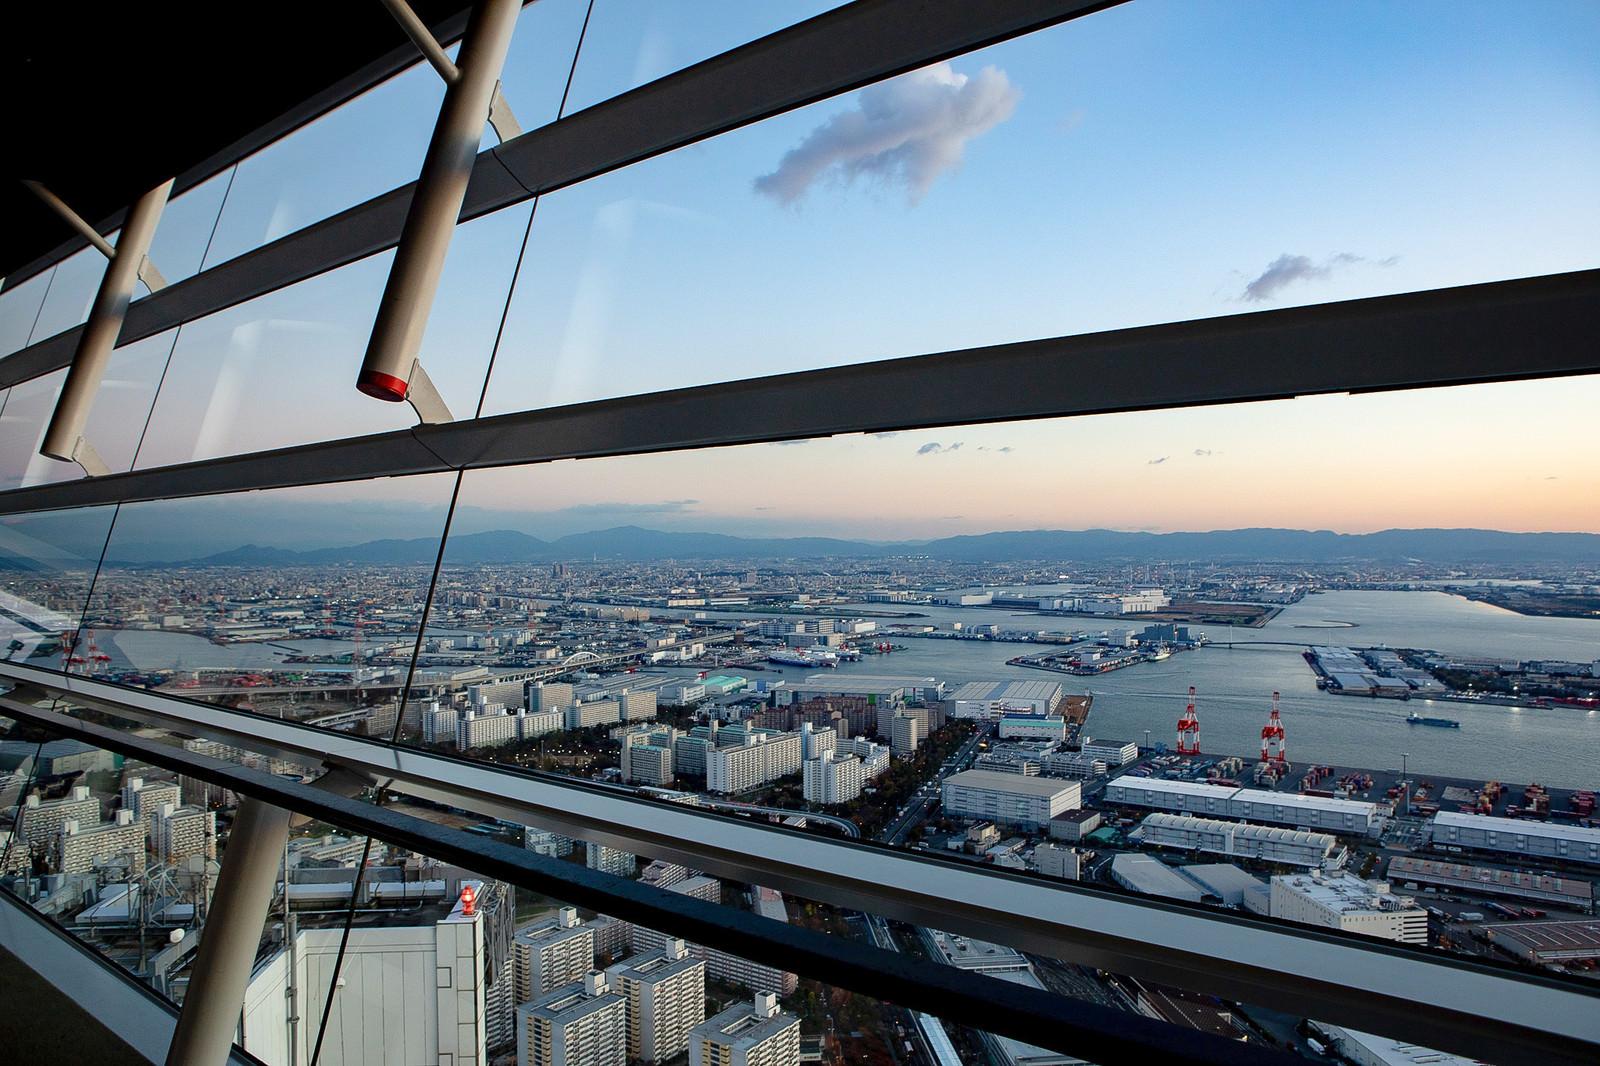 「コスモタワーのガラス越しの街並み(大阪府咲洲庁舎展望台)」の写真